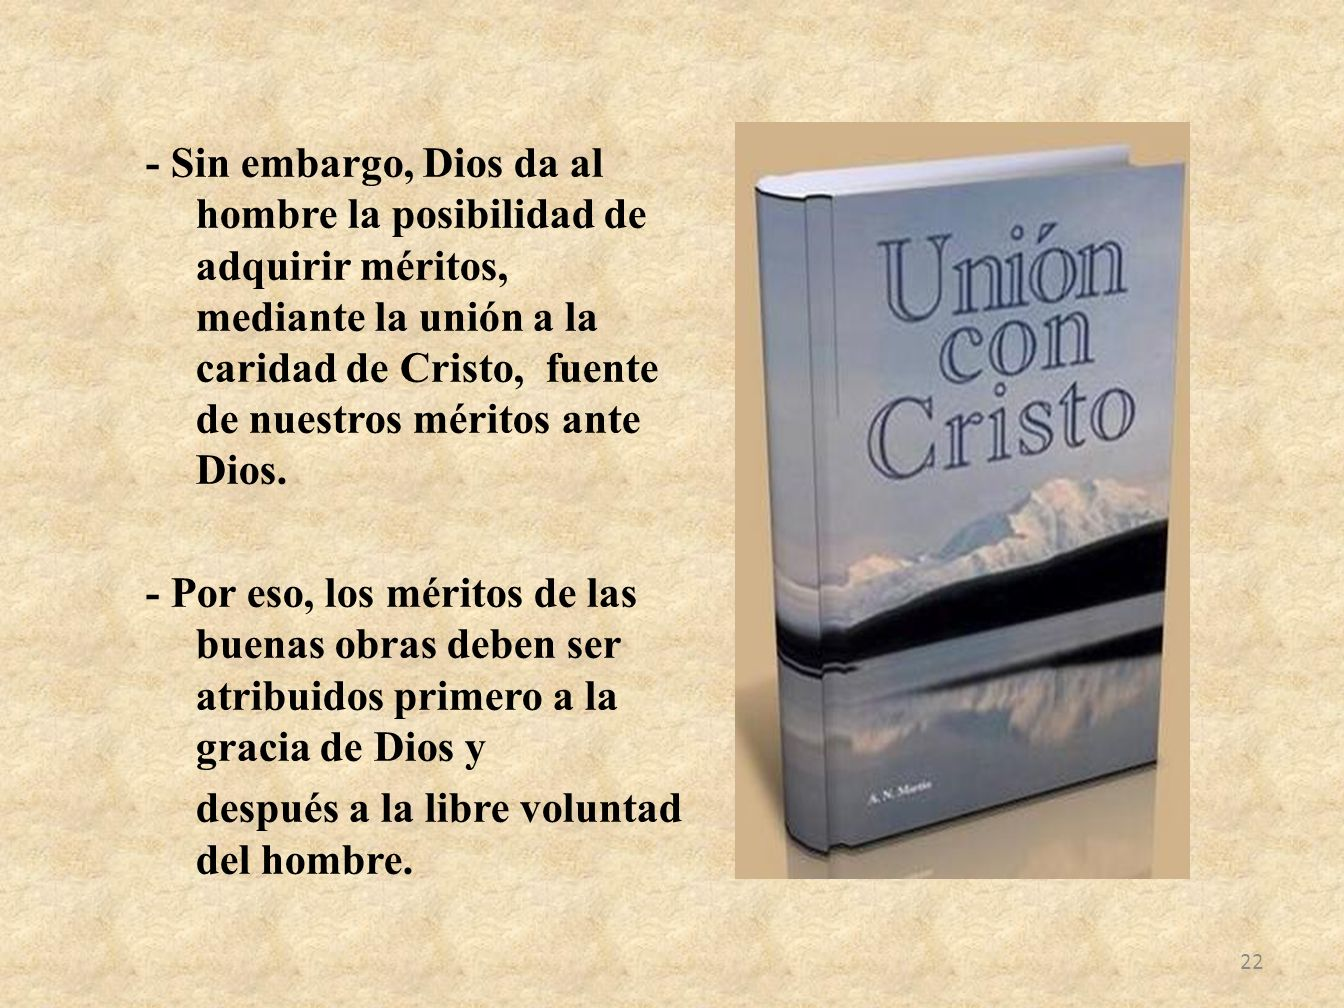 - Sin embargo, Dios da al hombre la posibilidad de adquirir méritos, mediante la unión a la caridad de Cristo, fuente de nuestros méritos ante Dios. -